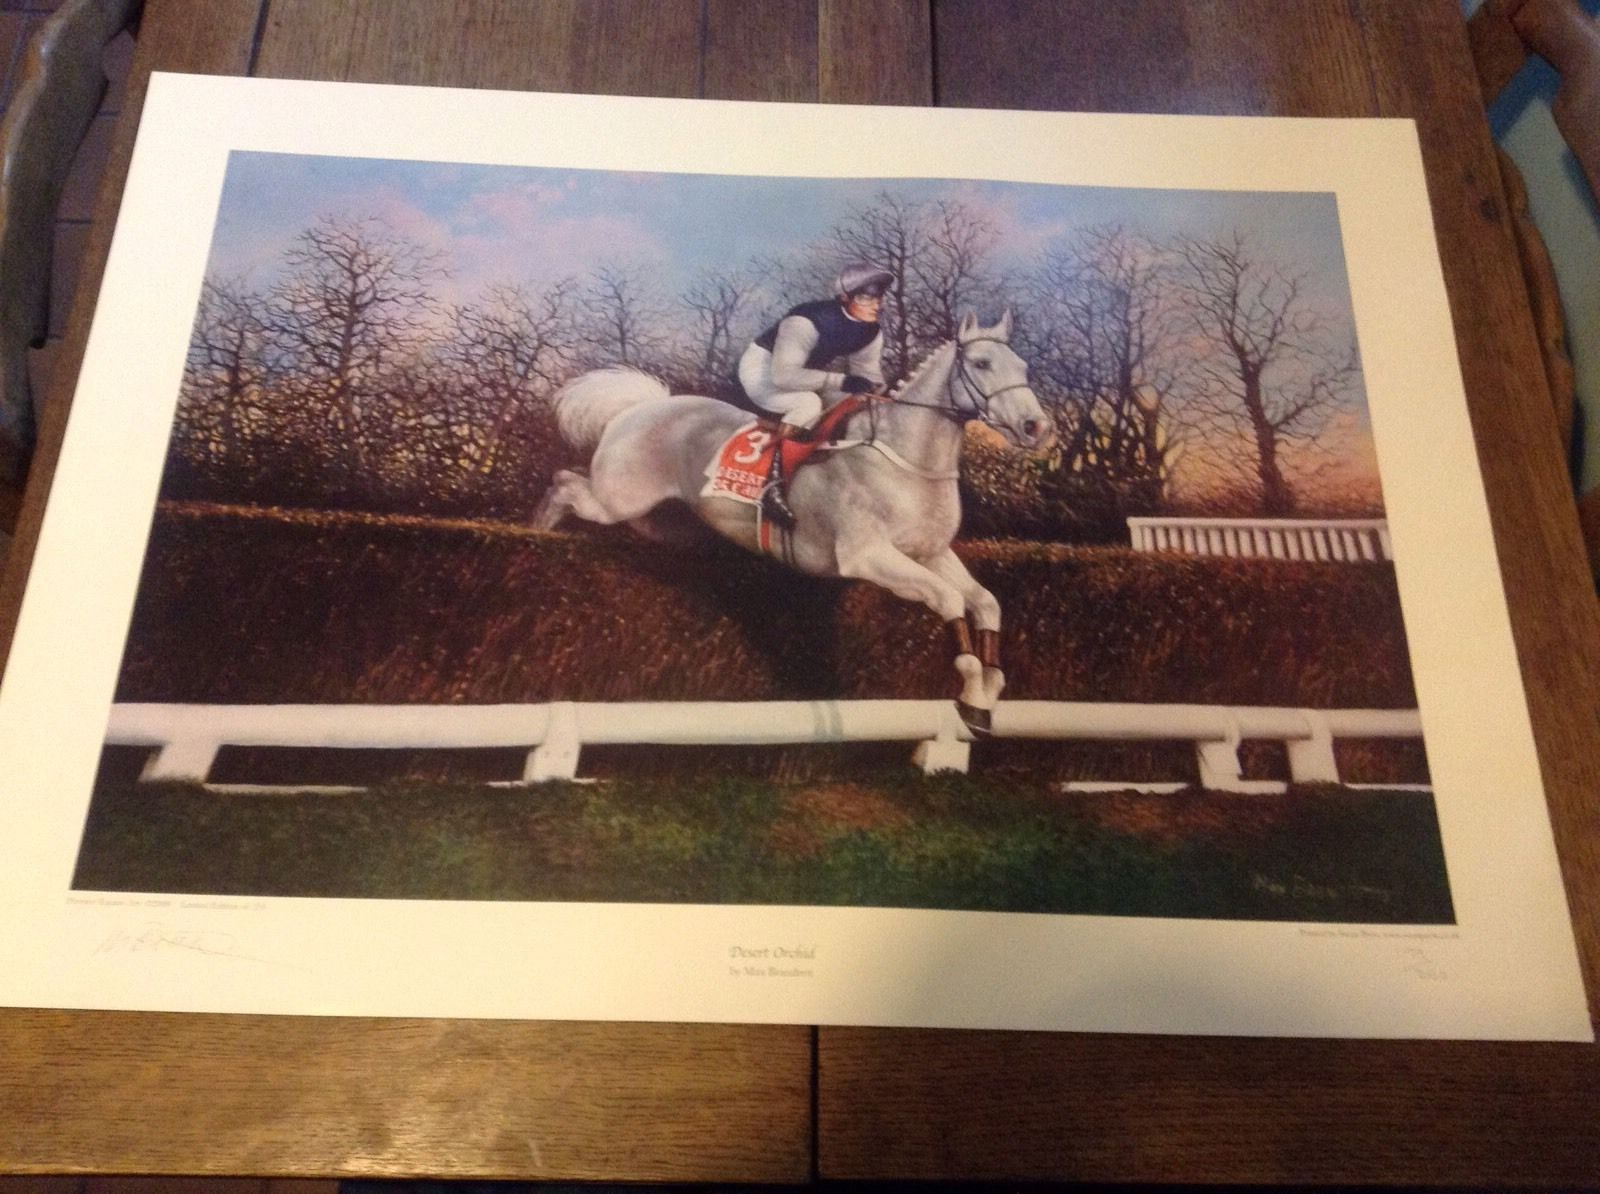 Desert Orchid Signed Print 199/250 By Max Brandrett   eBay